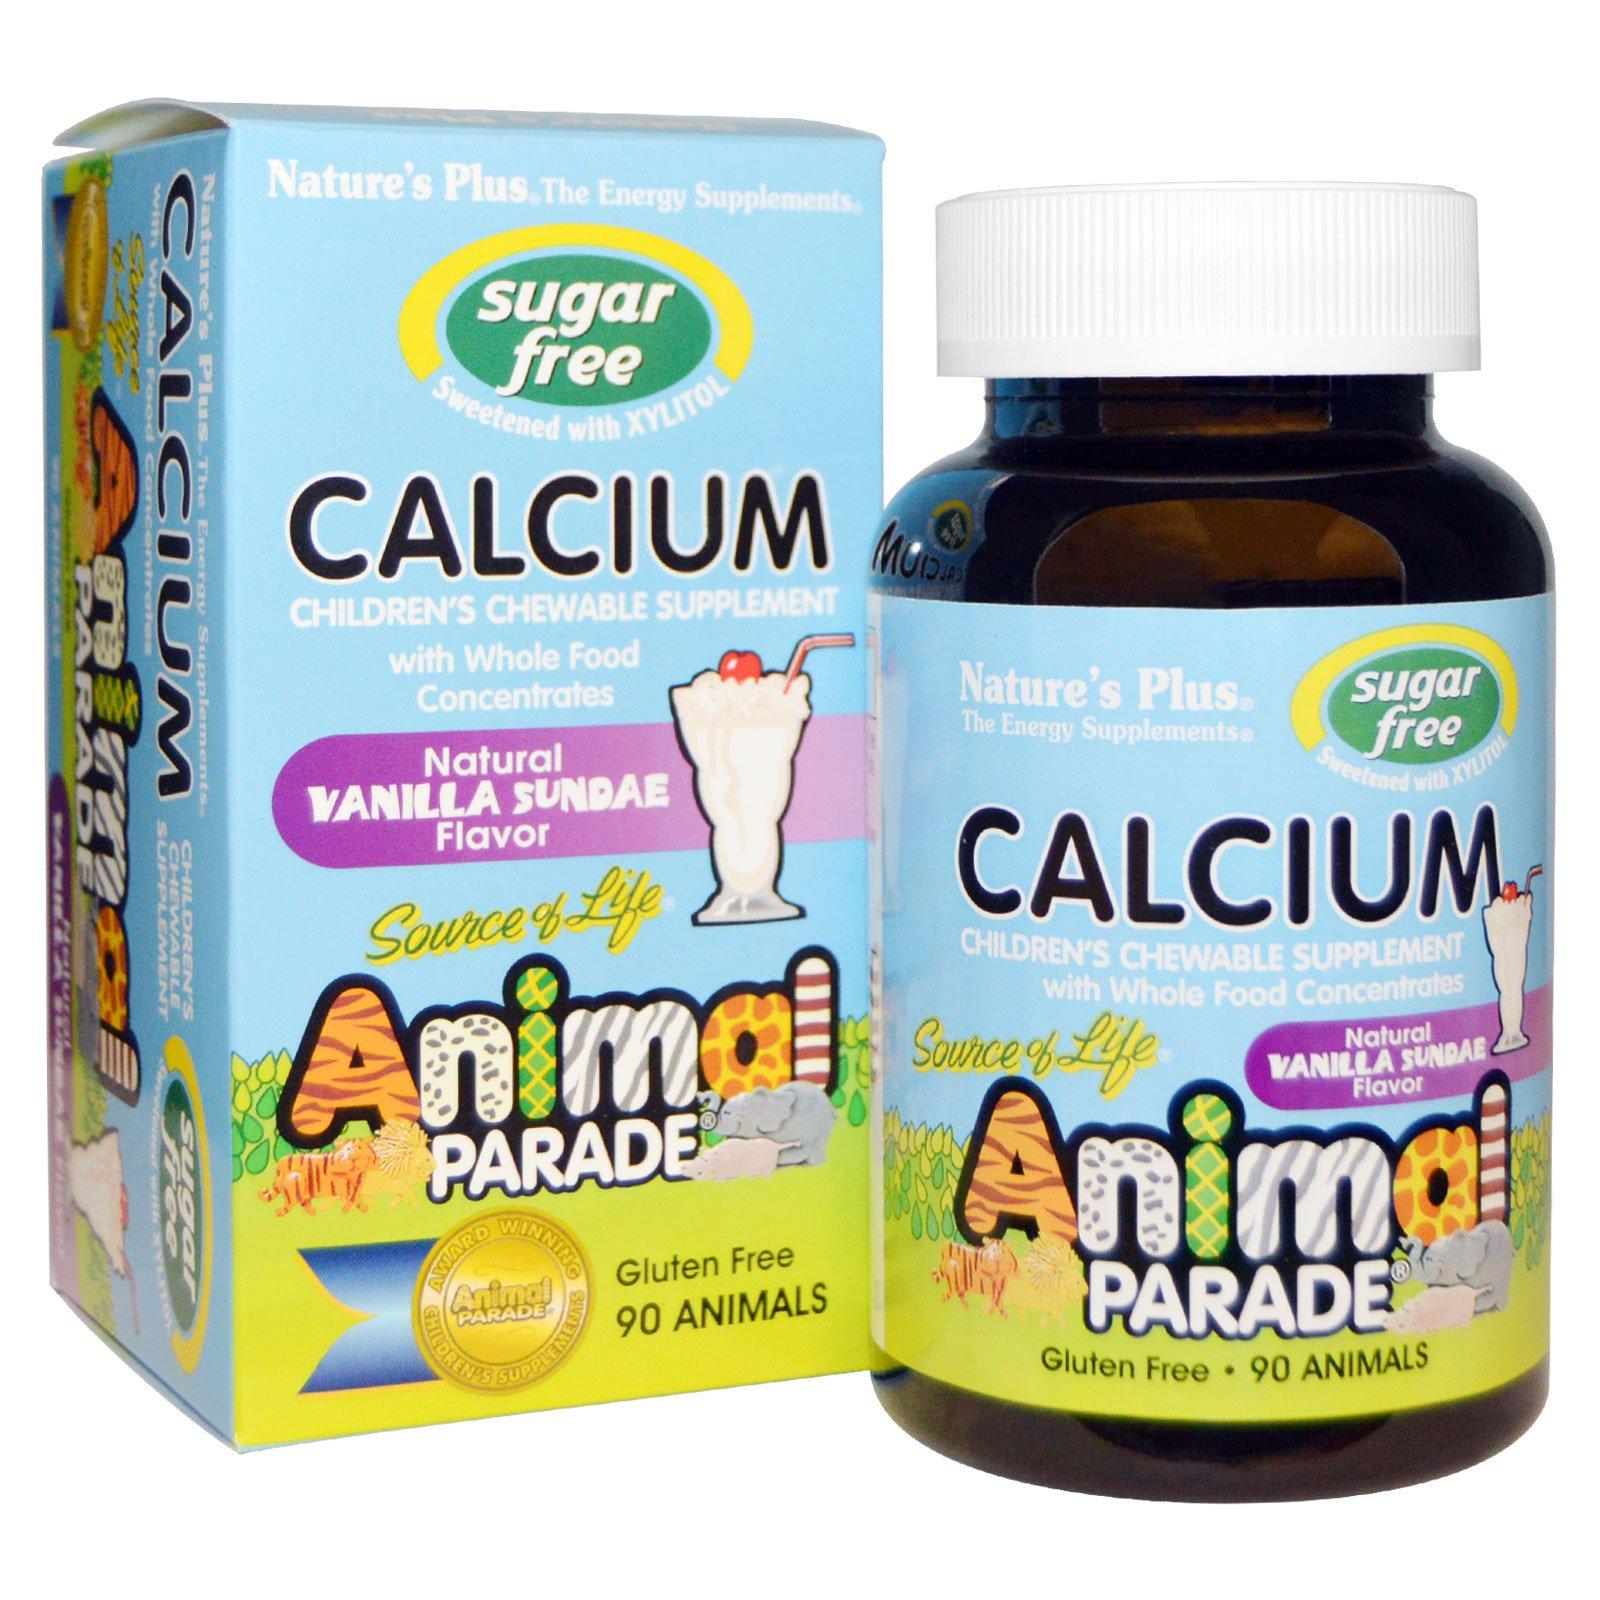 Image of Calcium, Sugar Free, Natural Vanilla Sundae Flavor (90 Animals) - Nature's Plus 0097467299214